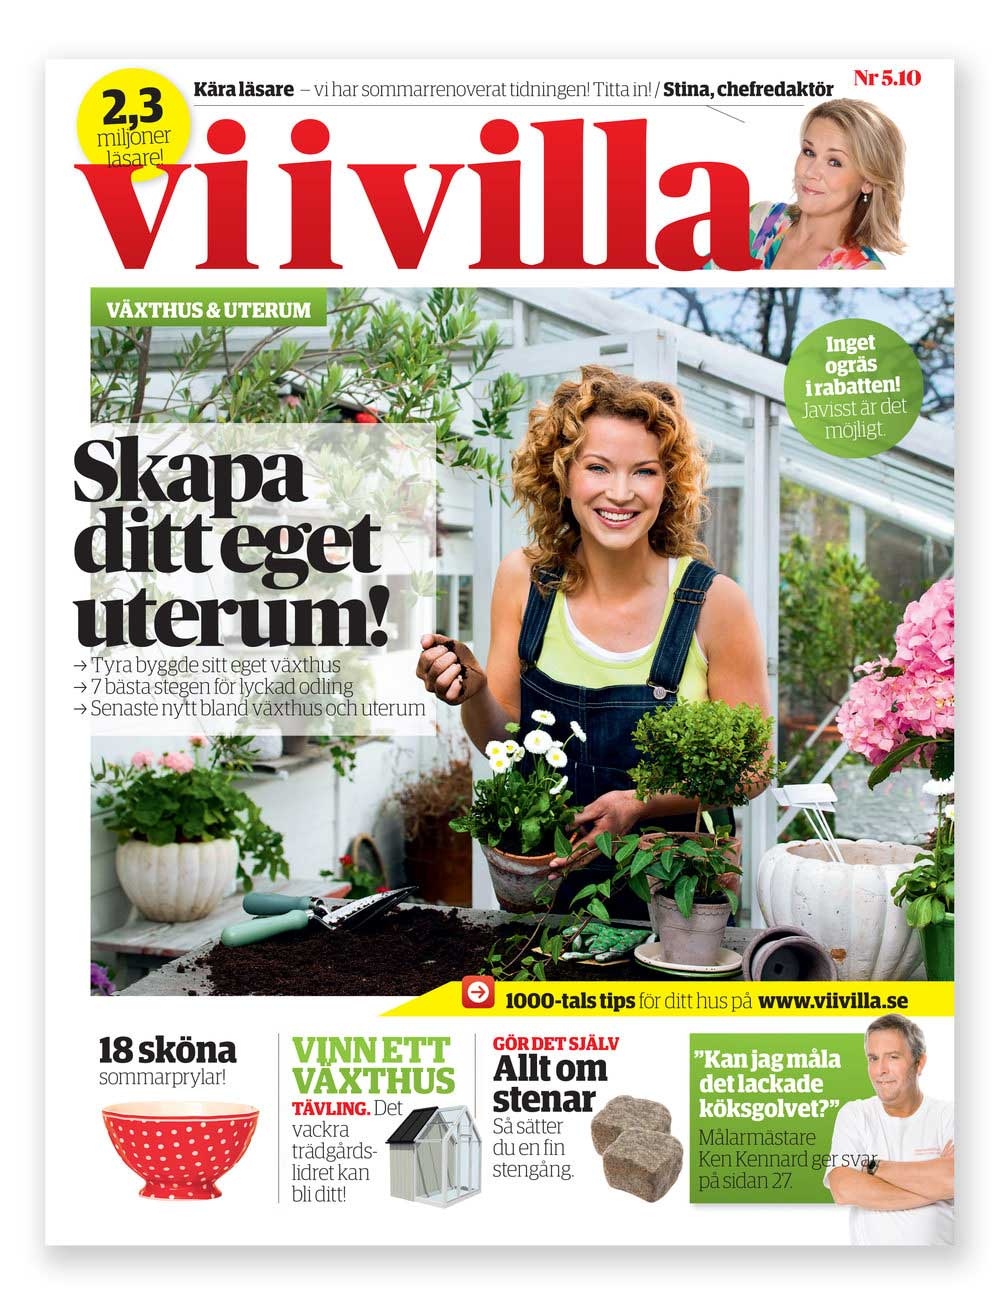 vi-i-villa_1.jpg